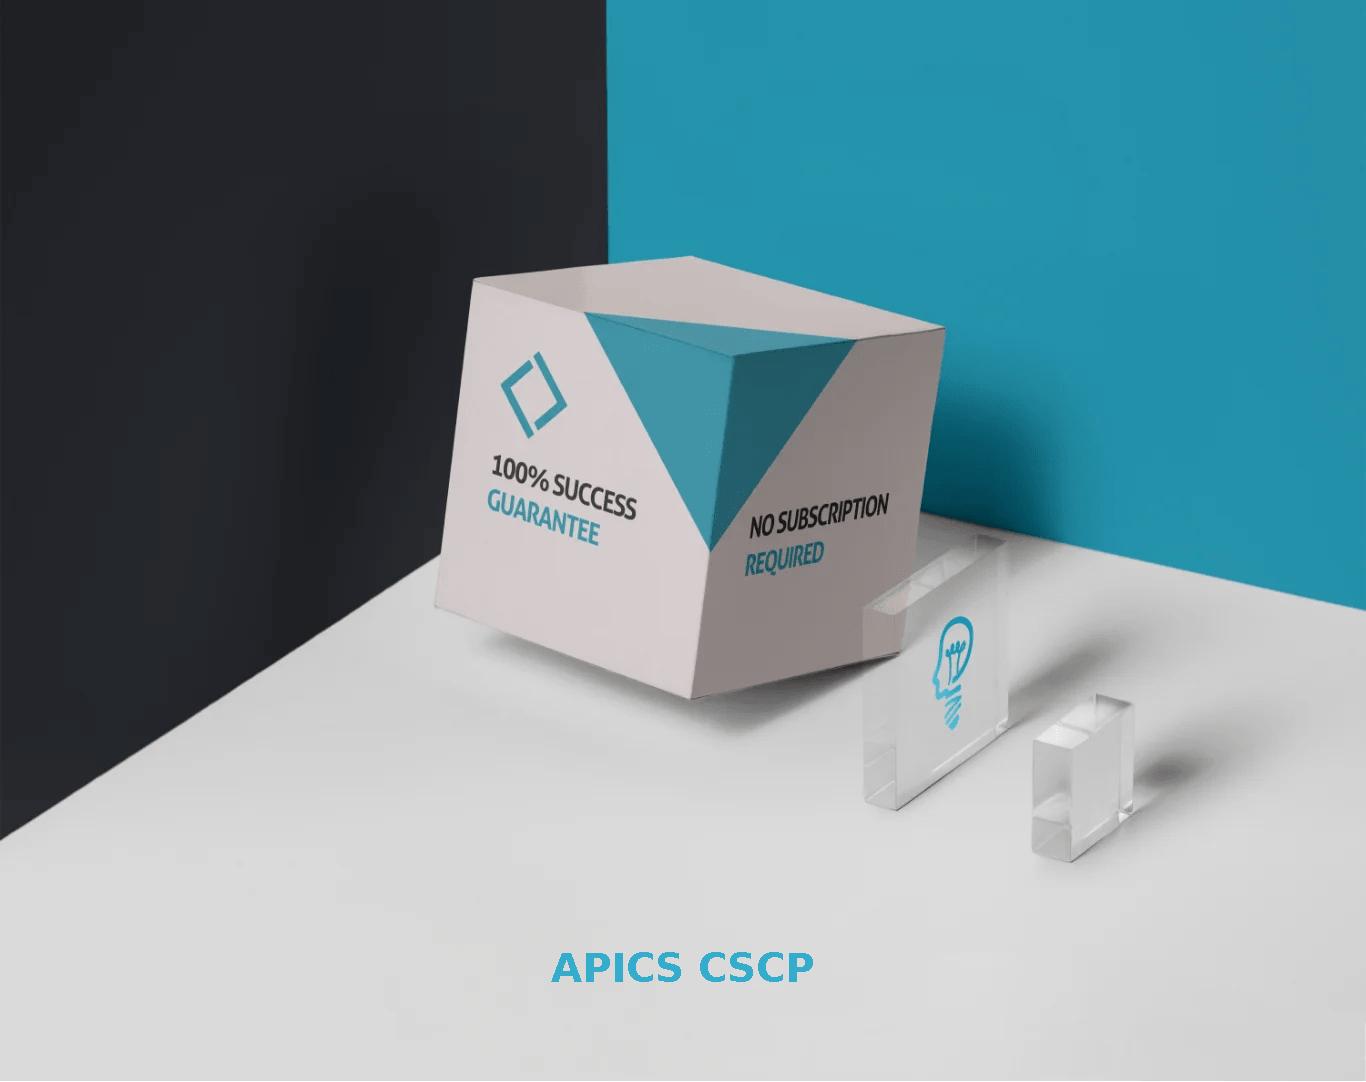 APICS CSCP Exams